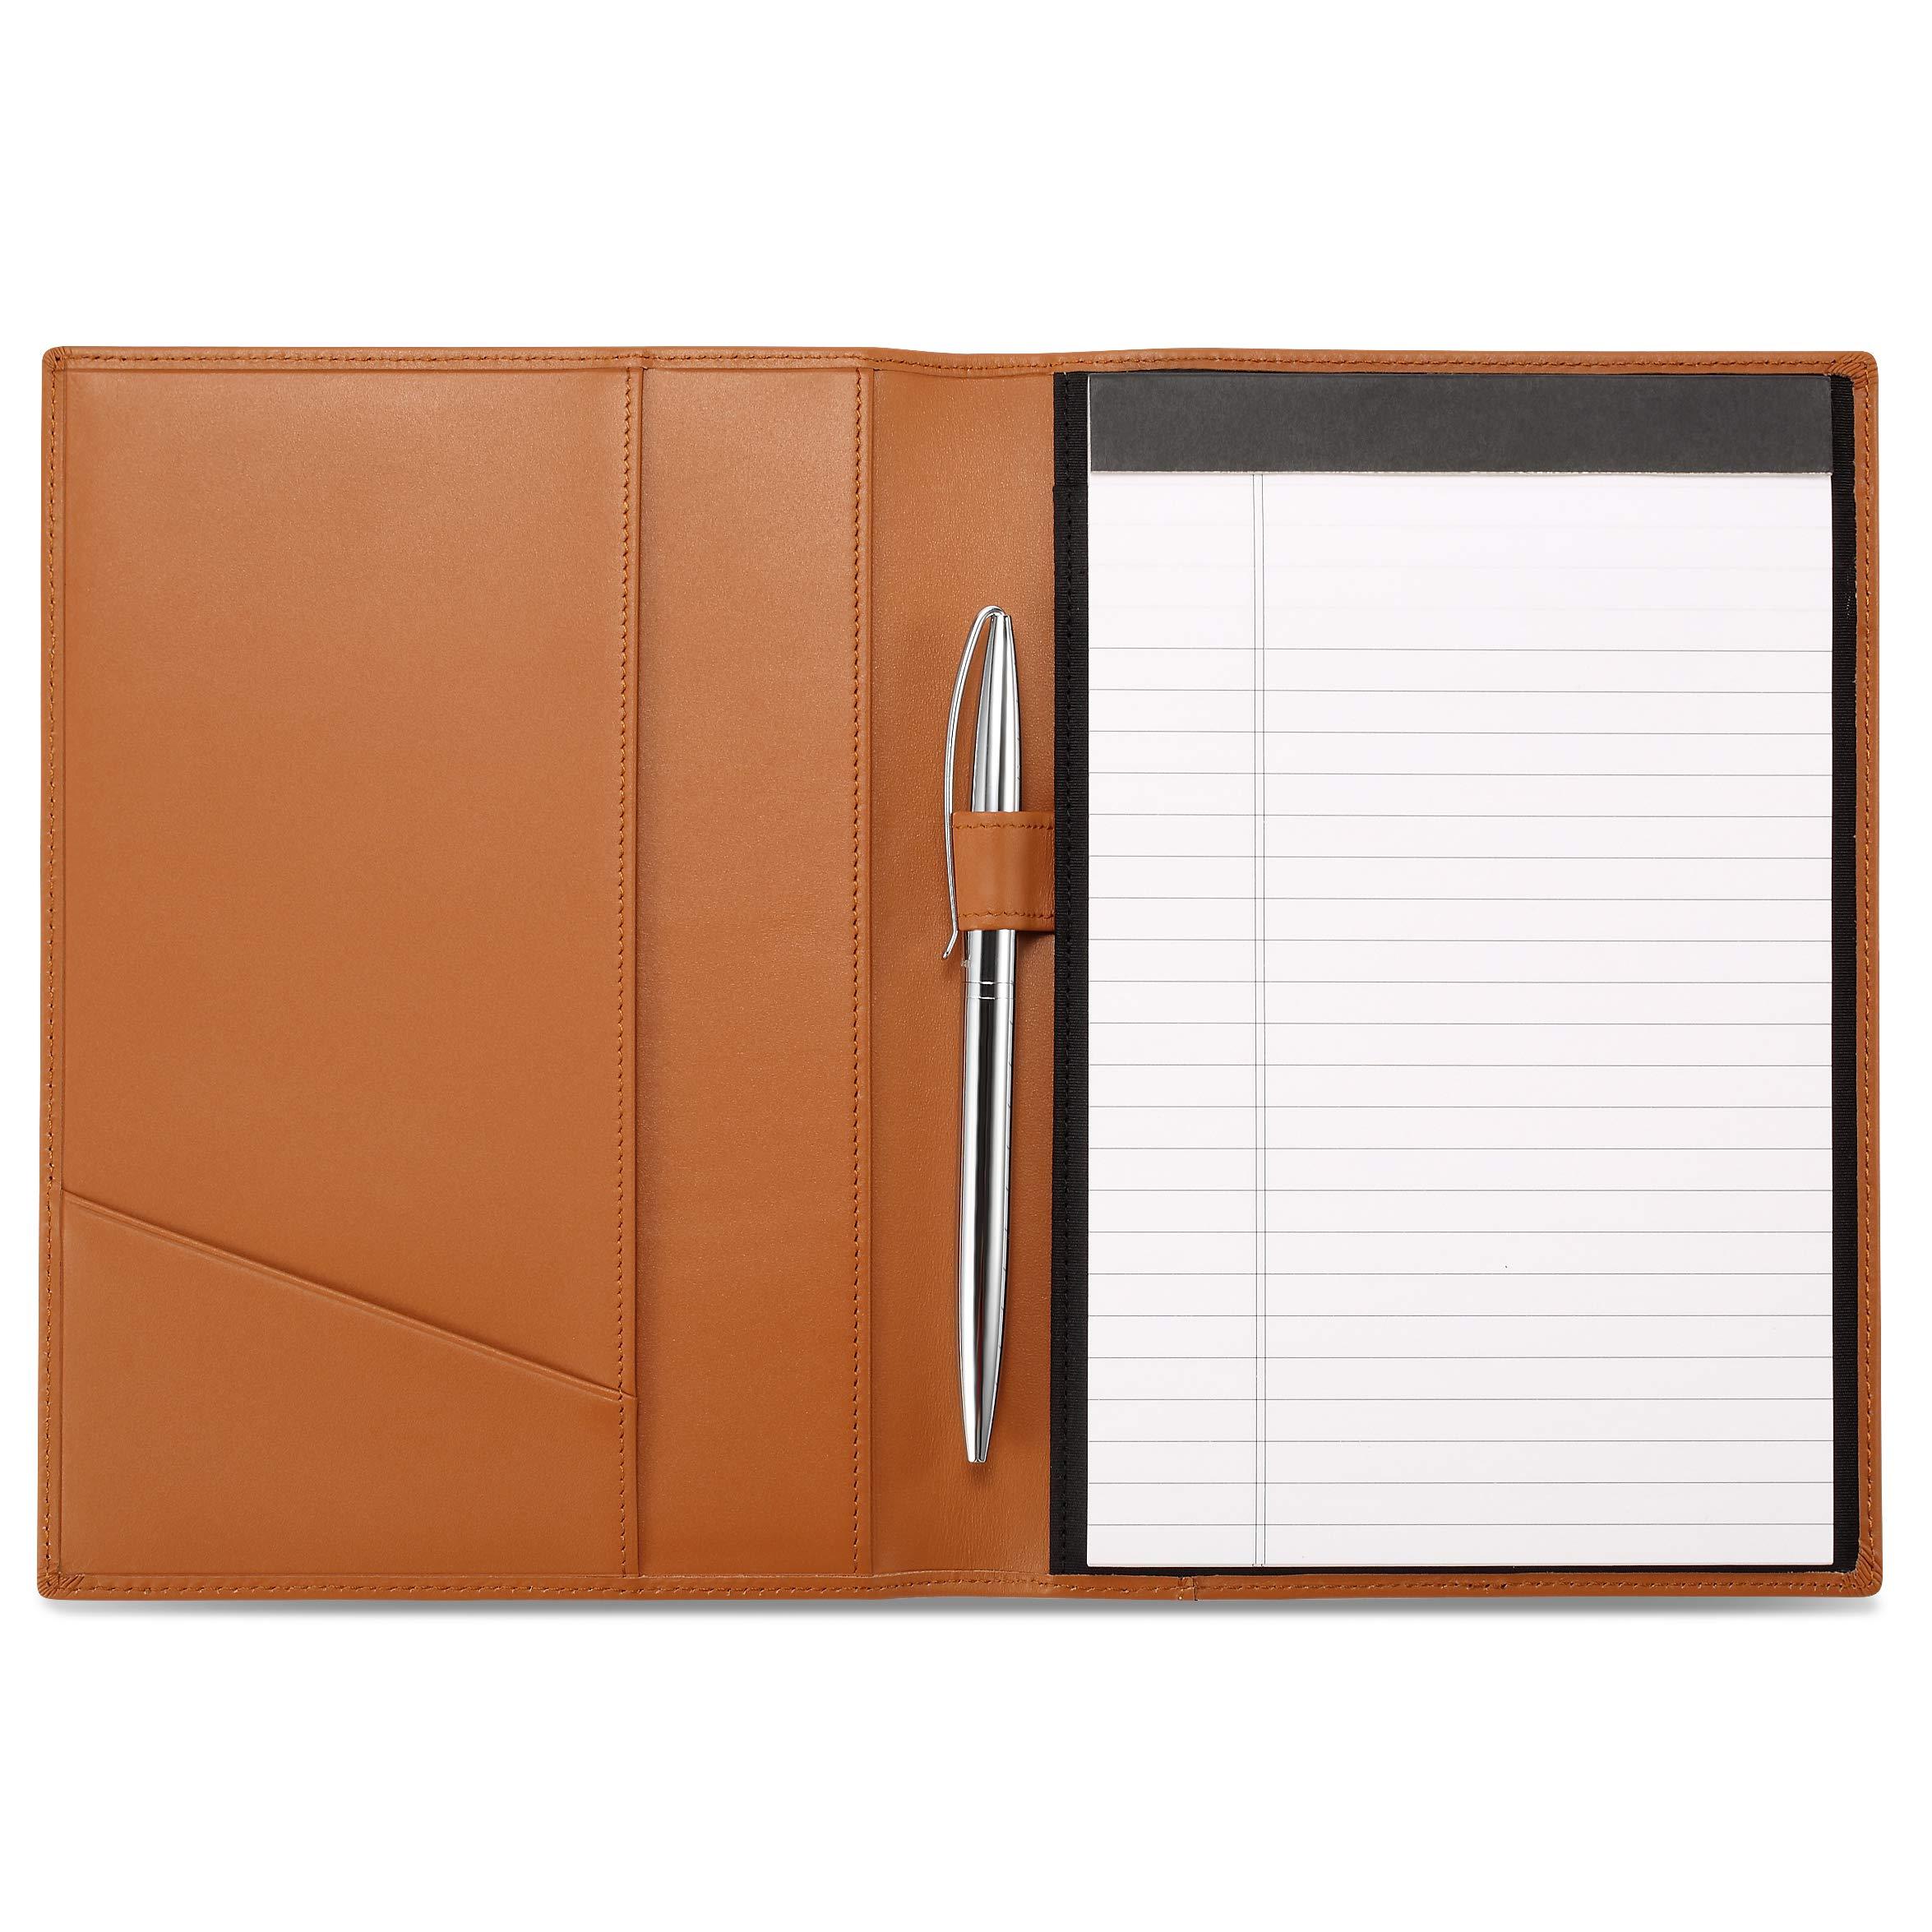 Leather Junior Padfolio for Men & Women with Pen Loop, Italian Calfskin, Business Portfolio Notebook Folder (Premium Cognac)